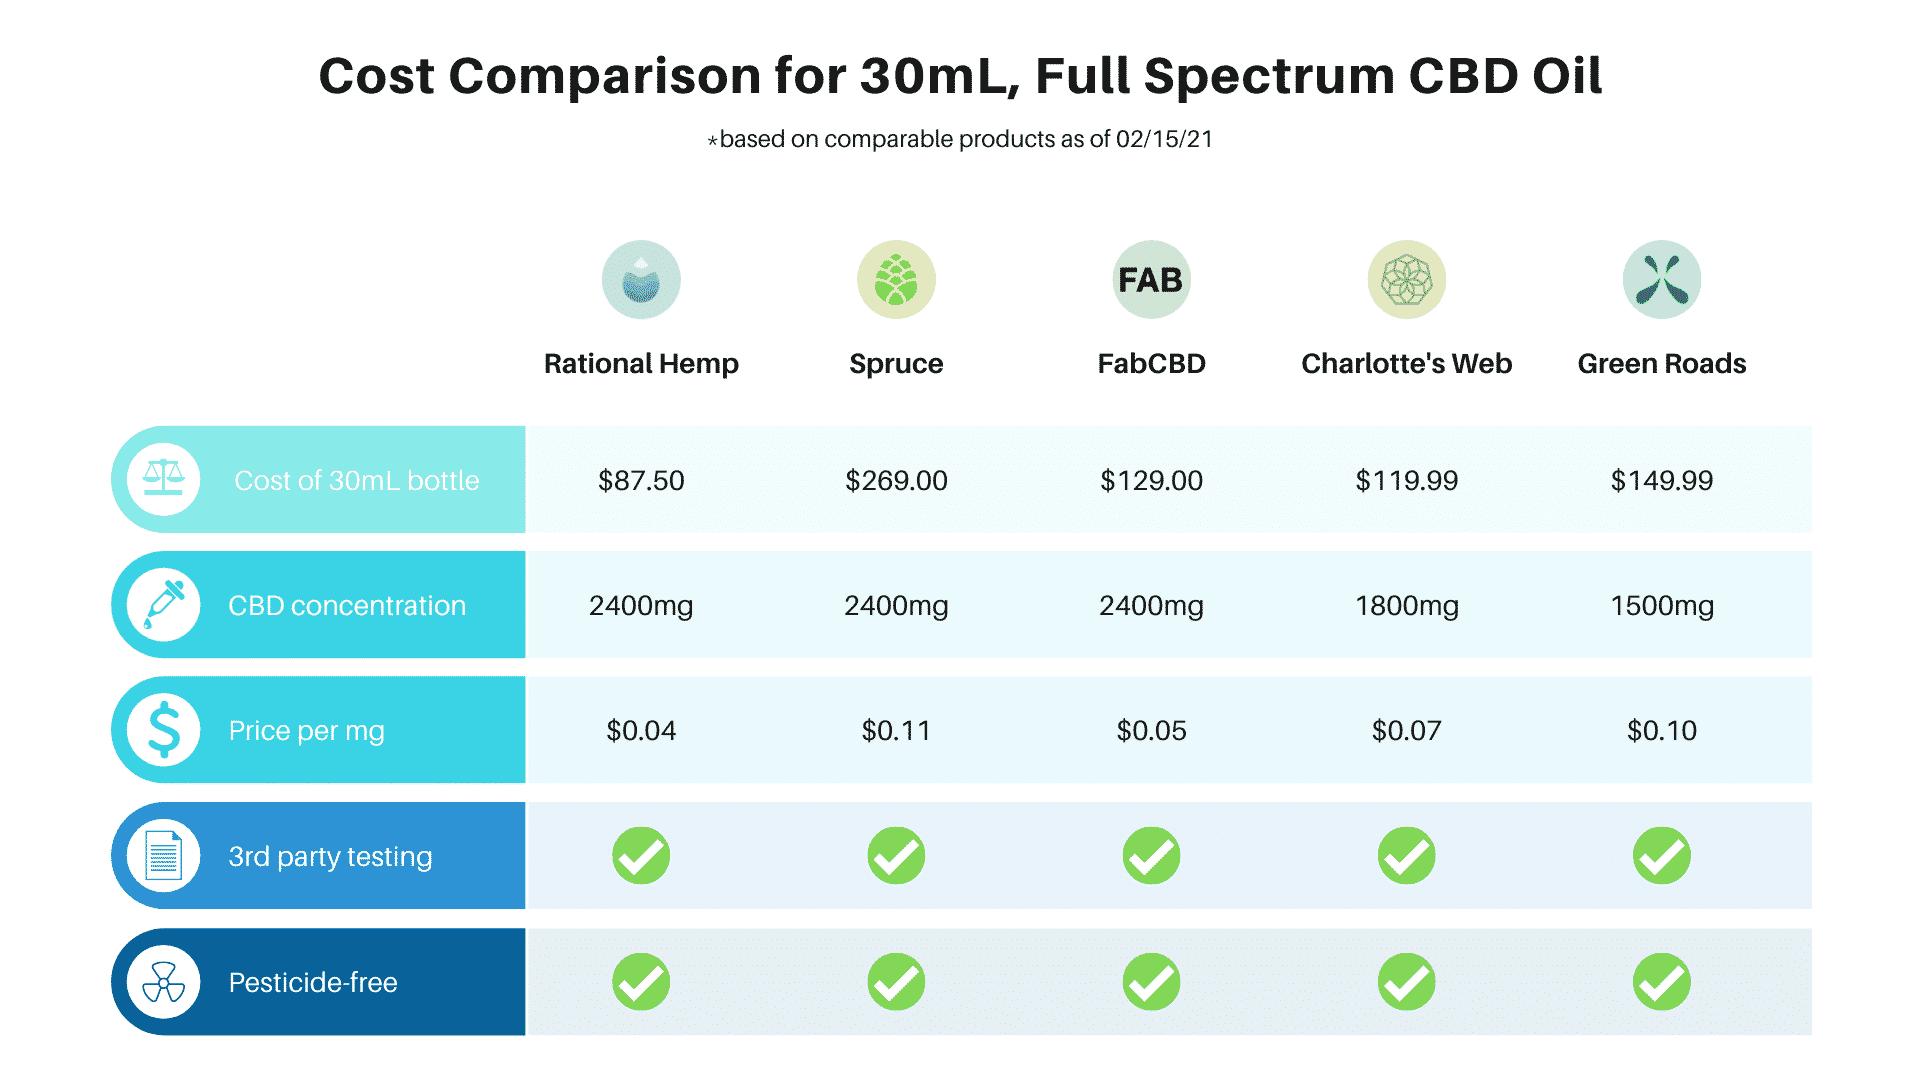 Cost comparison for CBD oil brands